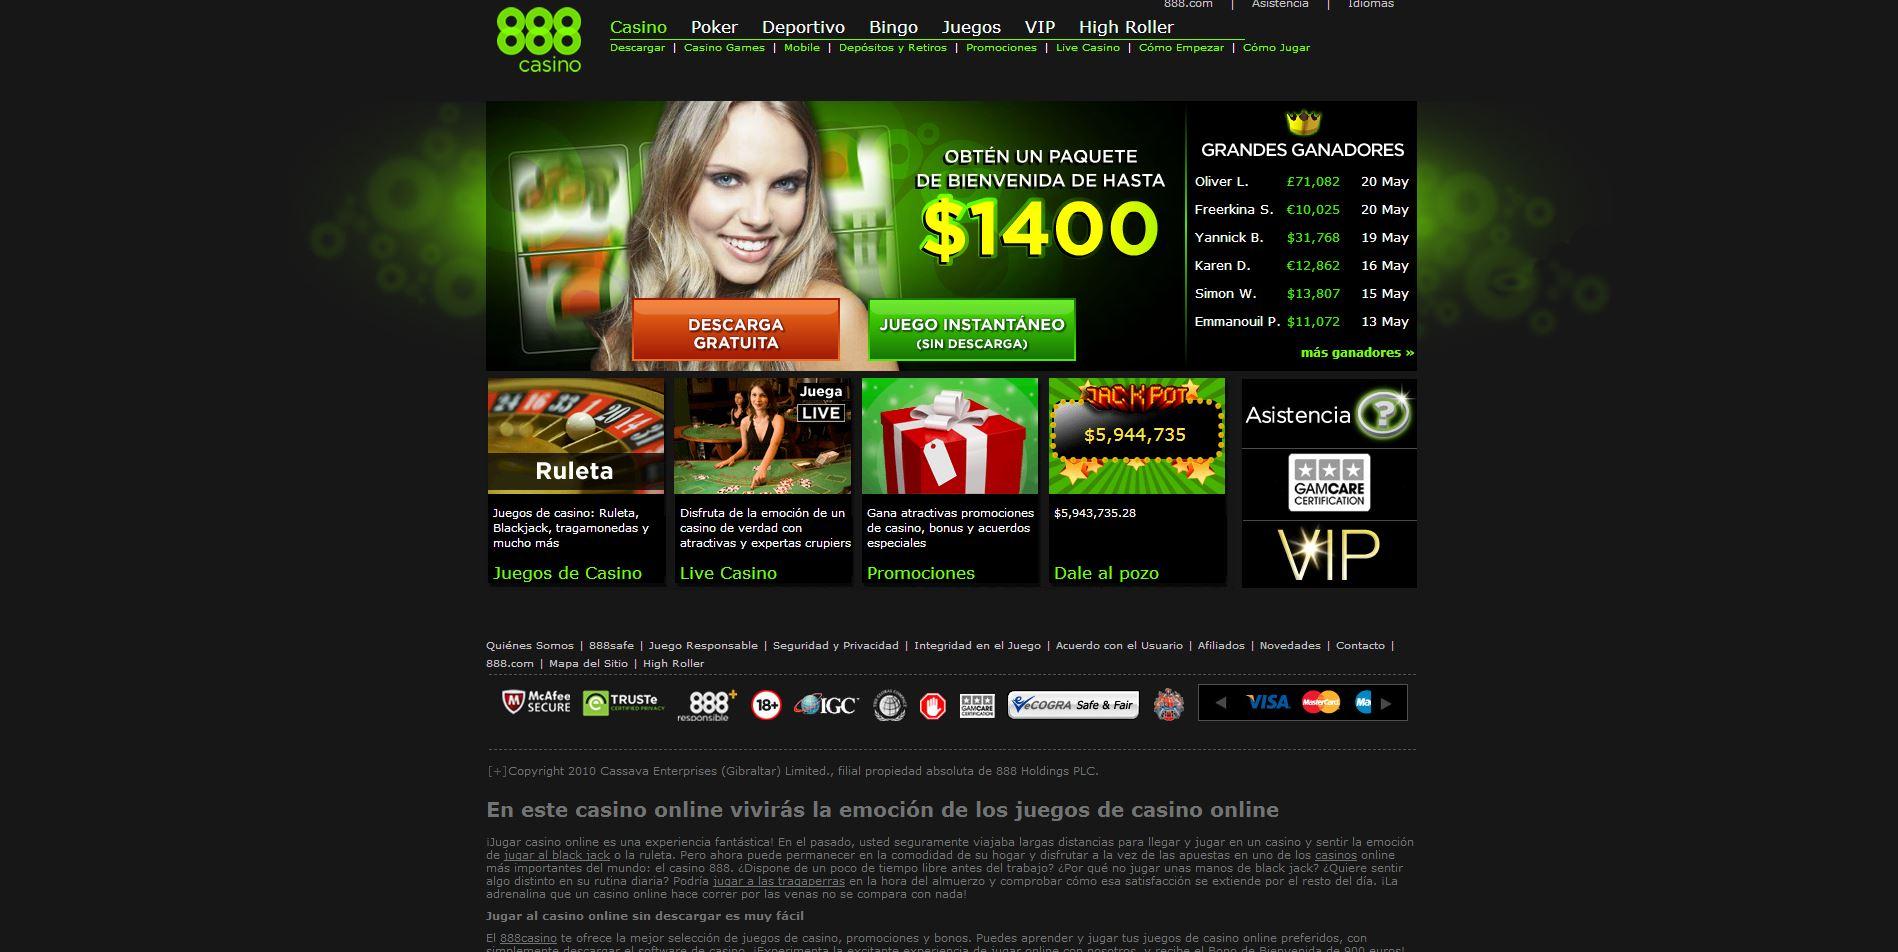 Casino online Estados Unidos juegos de apuestas-265007